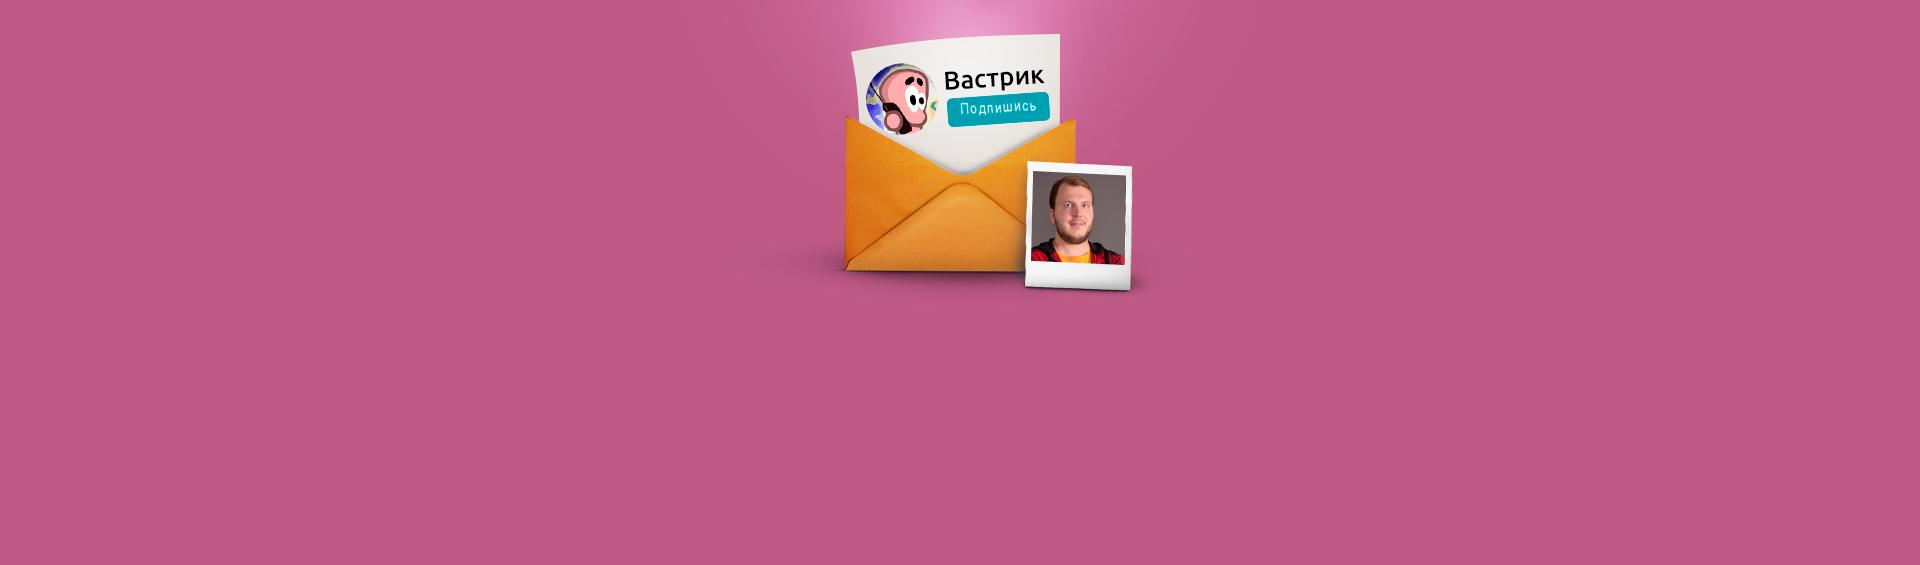 Василий Зубарев, «Вастрик. Инсайд». Как зарабатывать до60тысяч вмесяц набесплатной рассылке